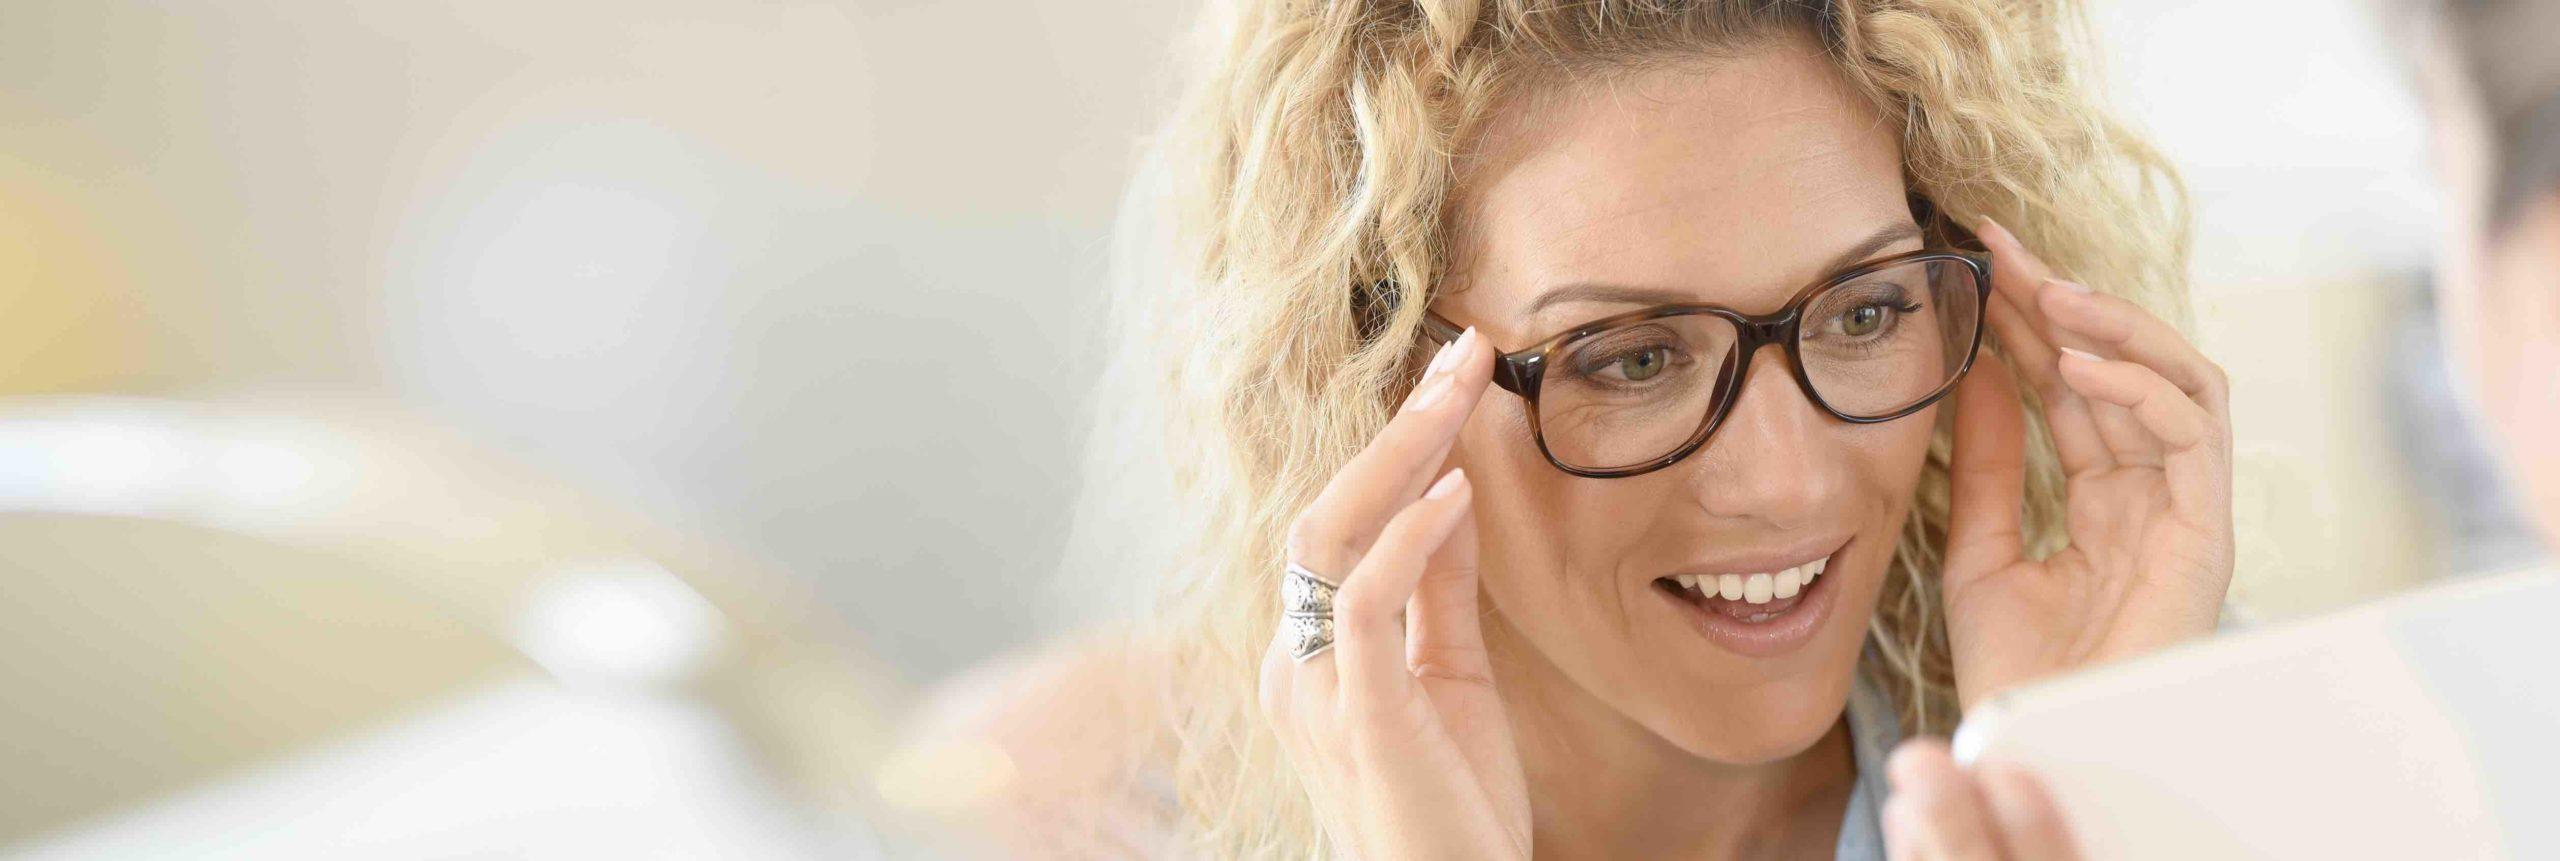 L'équipement optique est éligible à l'offre 100% Santé